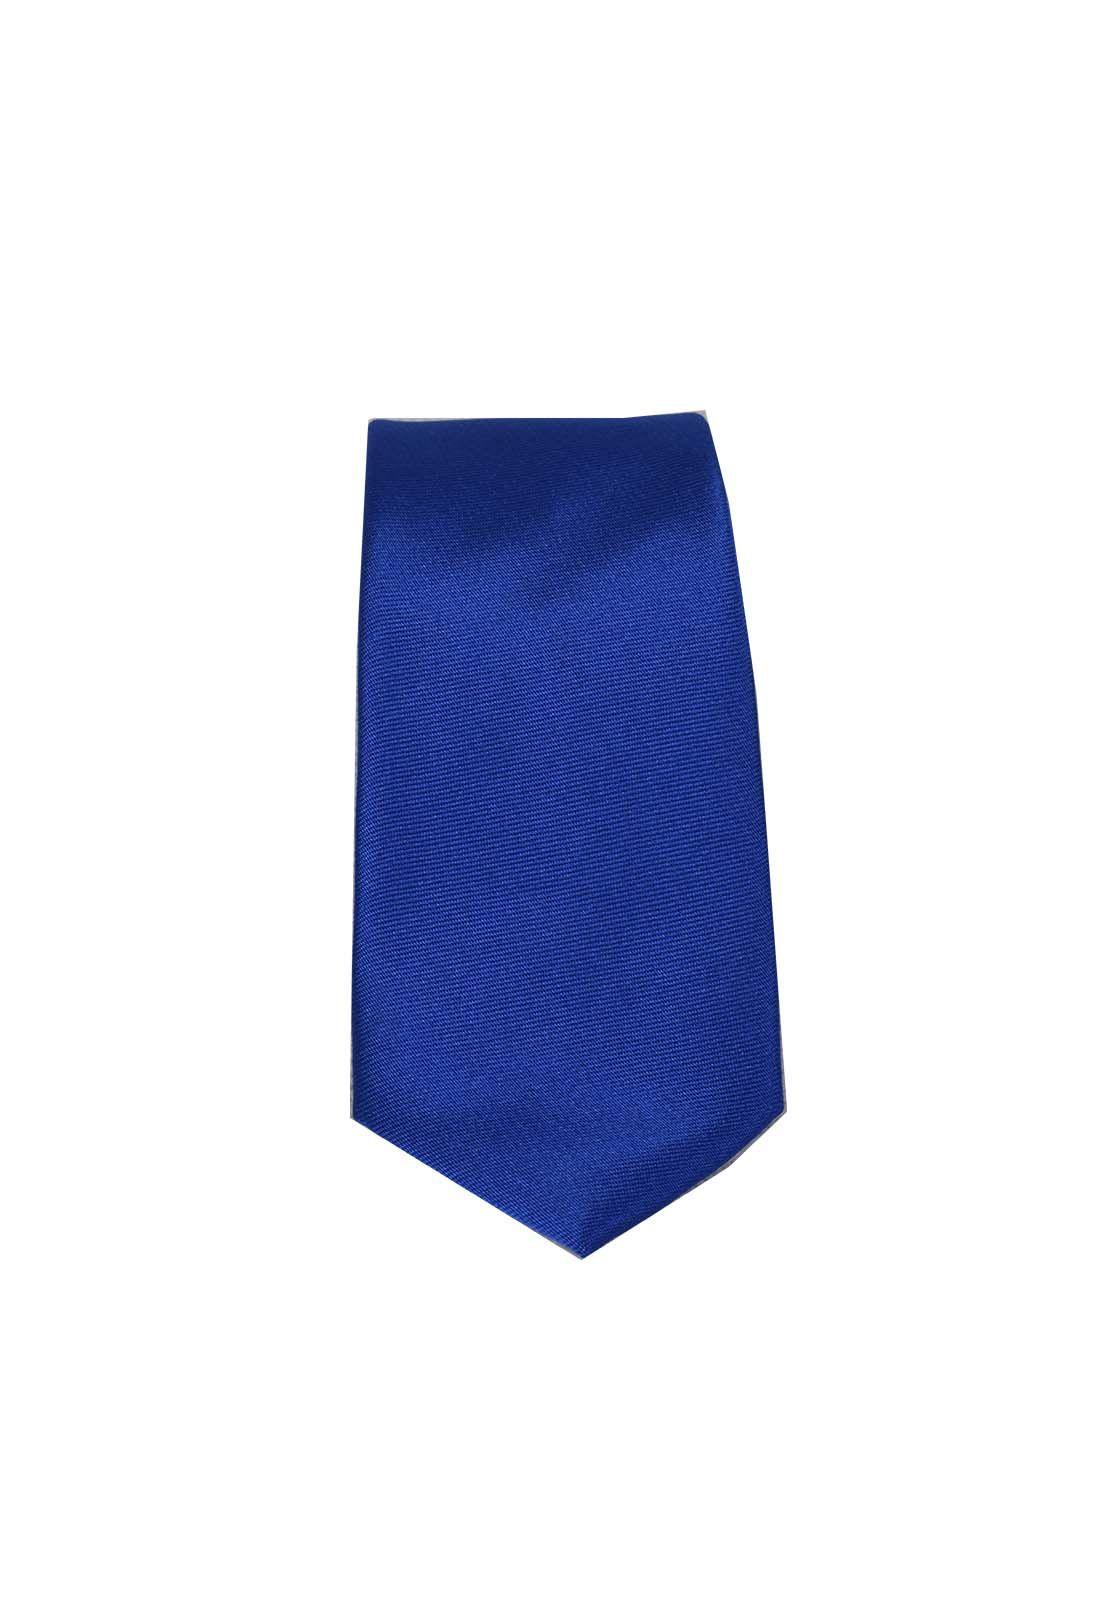 4030 - Gravata Slim Azul Lisa - LEVOK